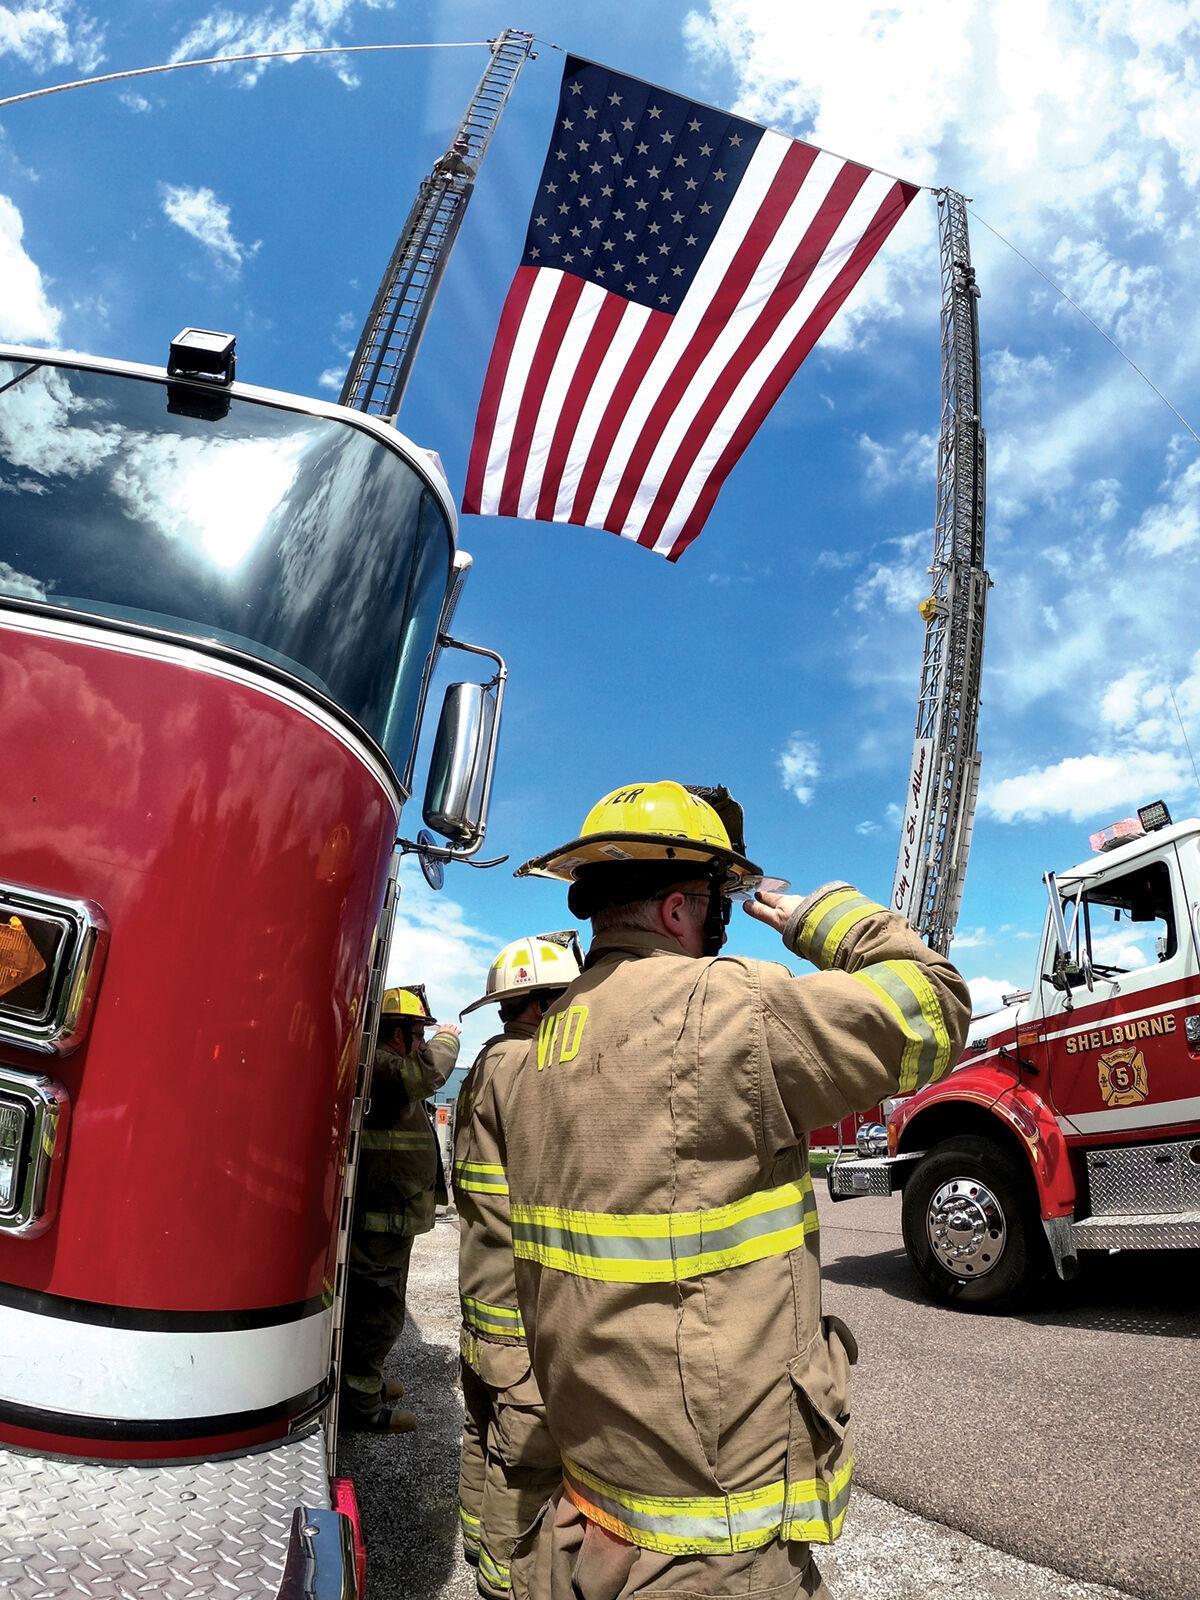 Shelburne celebrates fallen firefighter